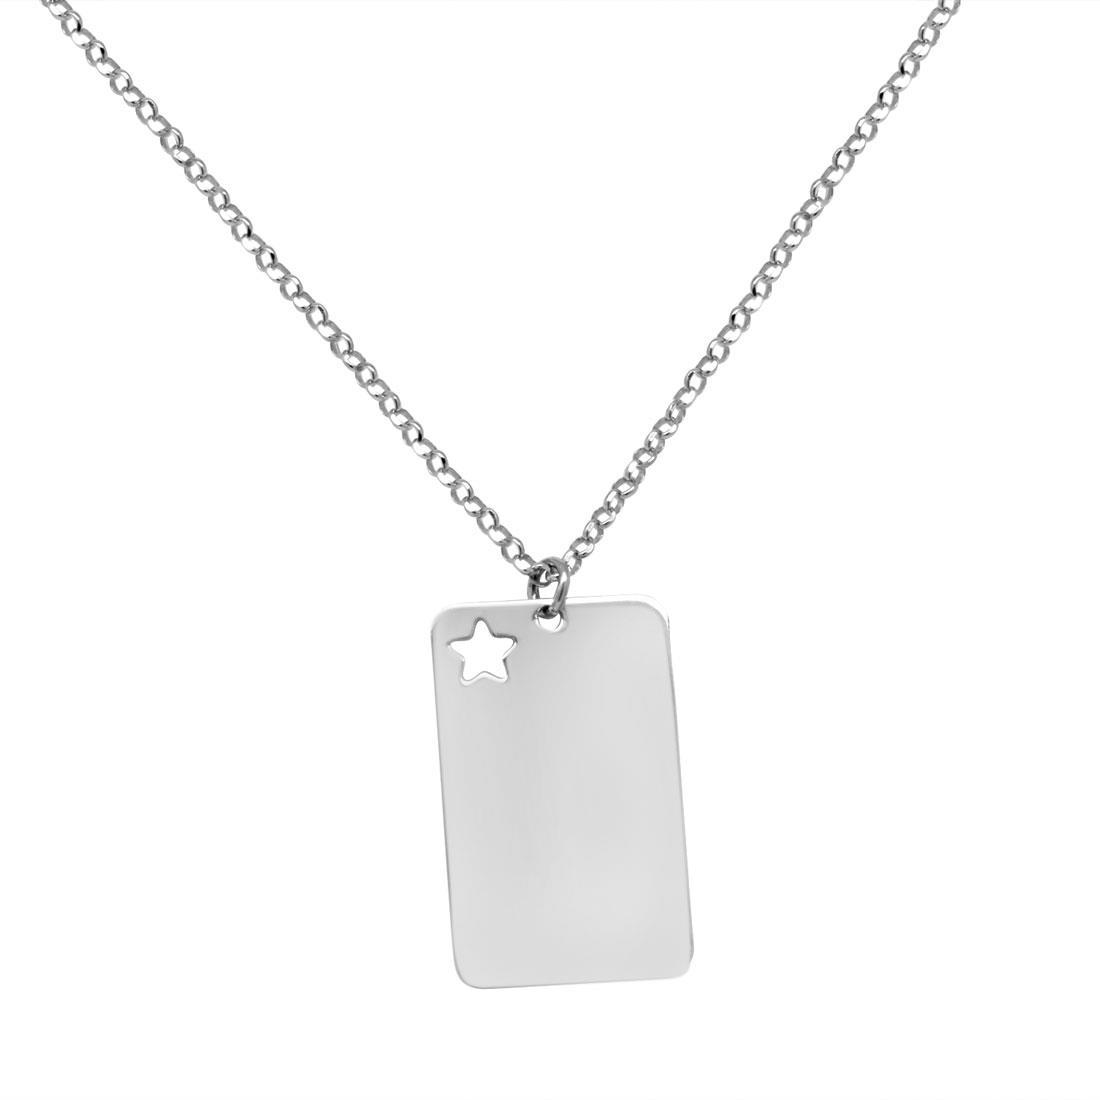 Collana in argento con piastrina stella - ORO&CO